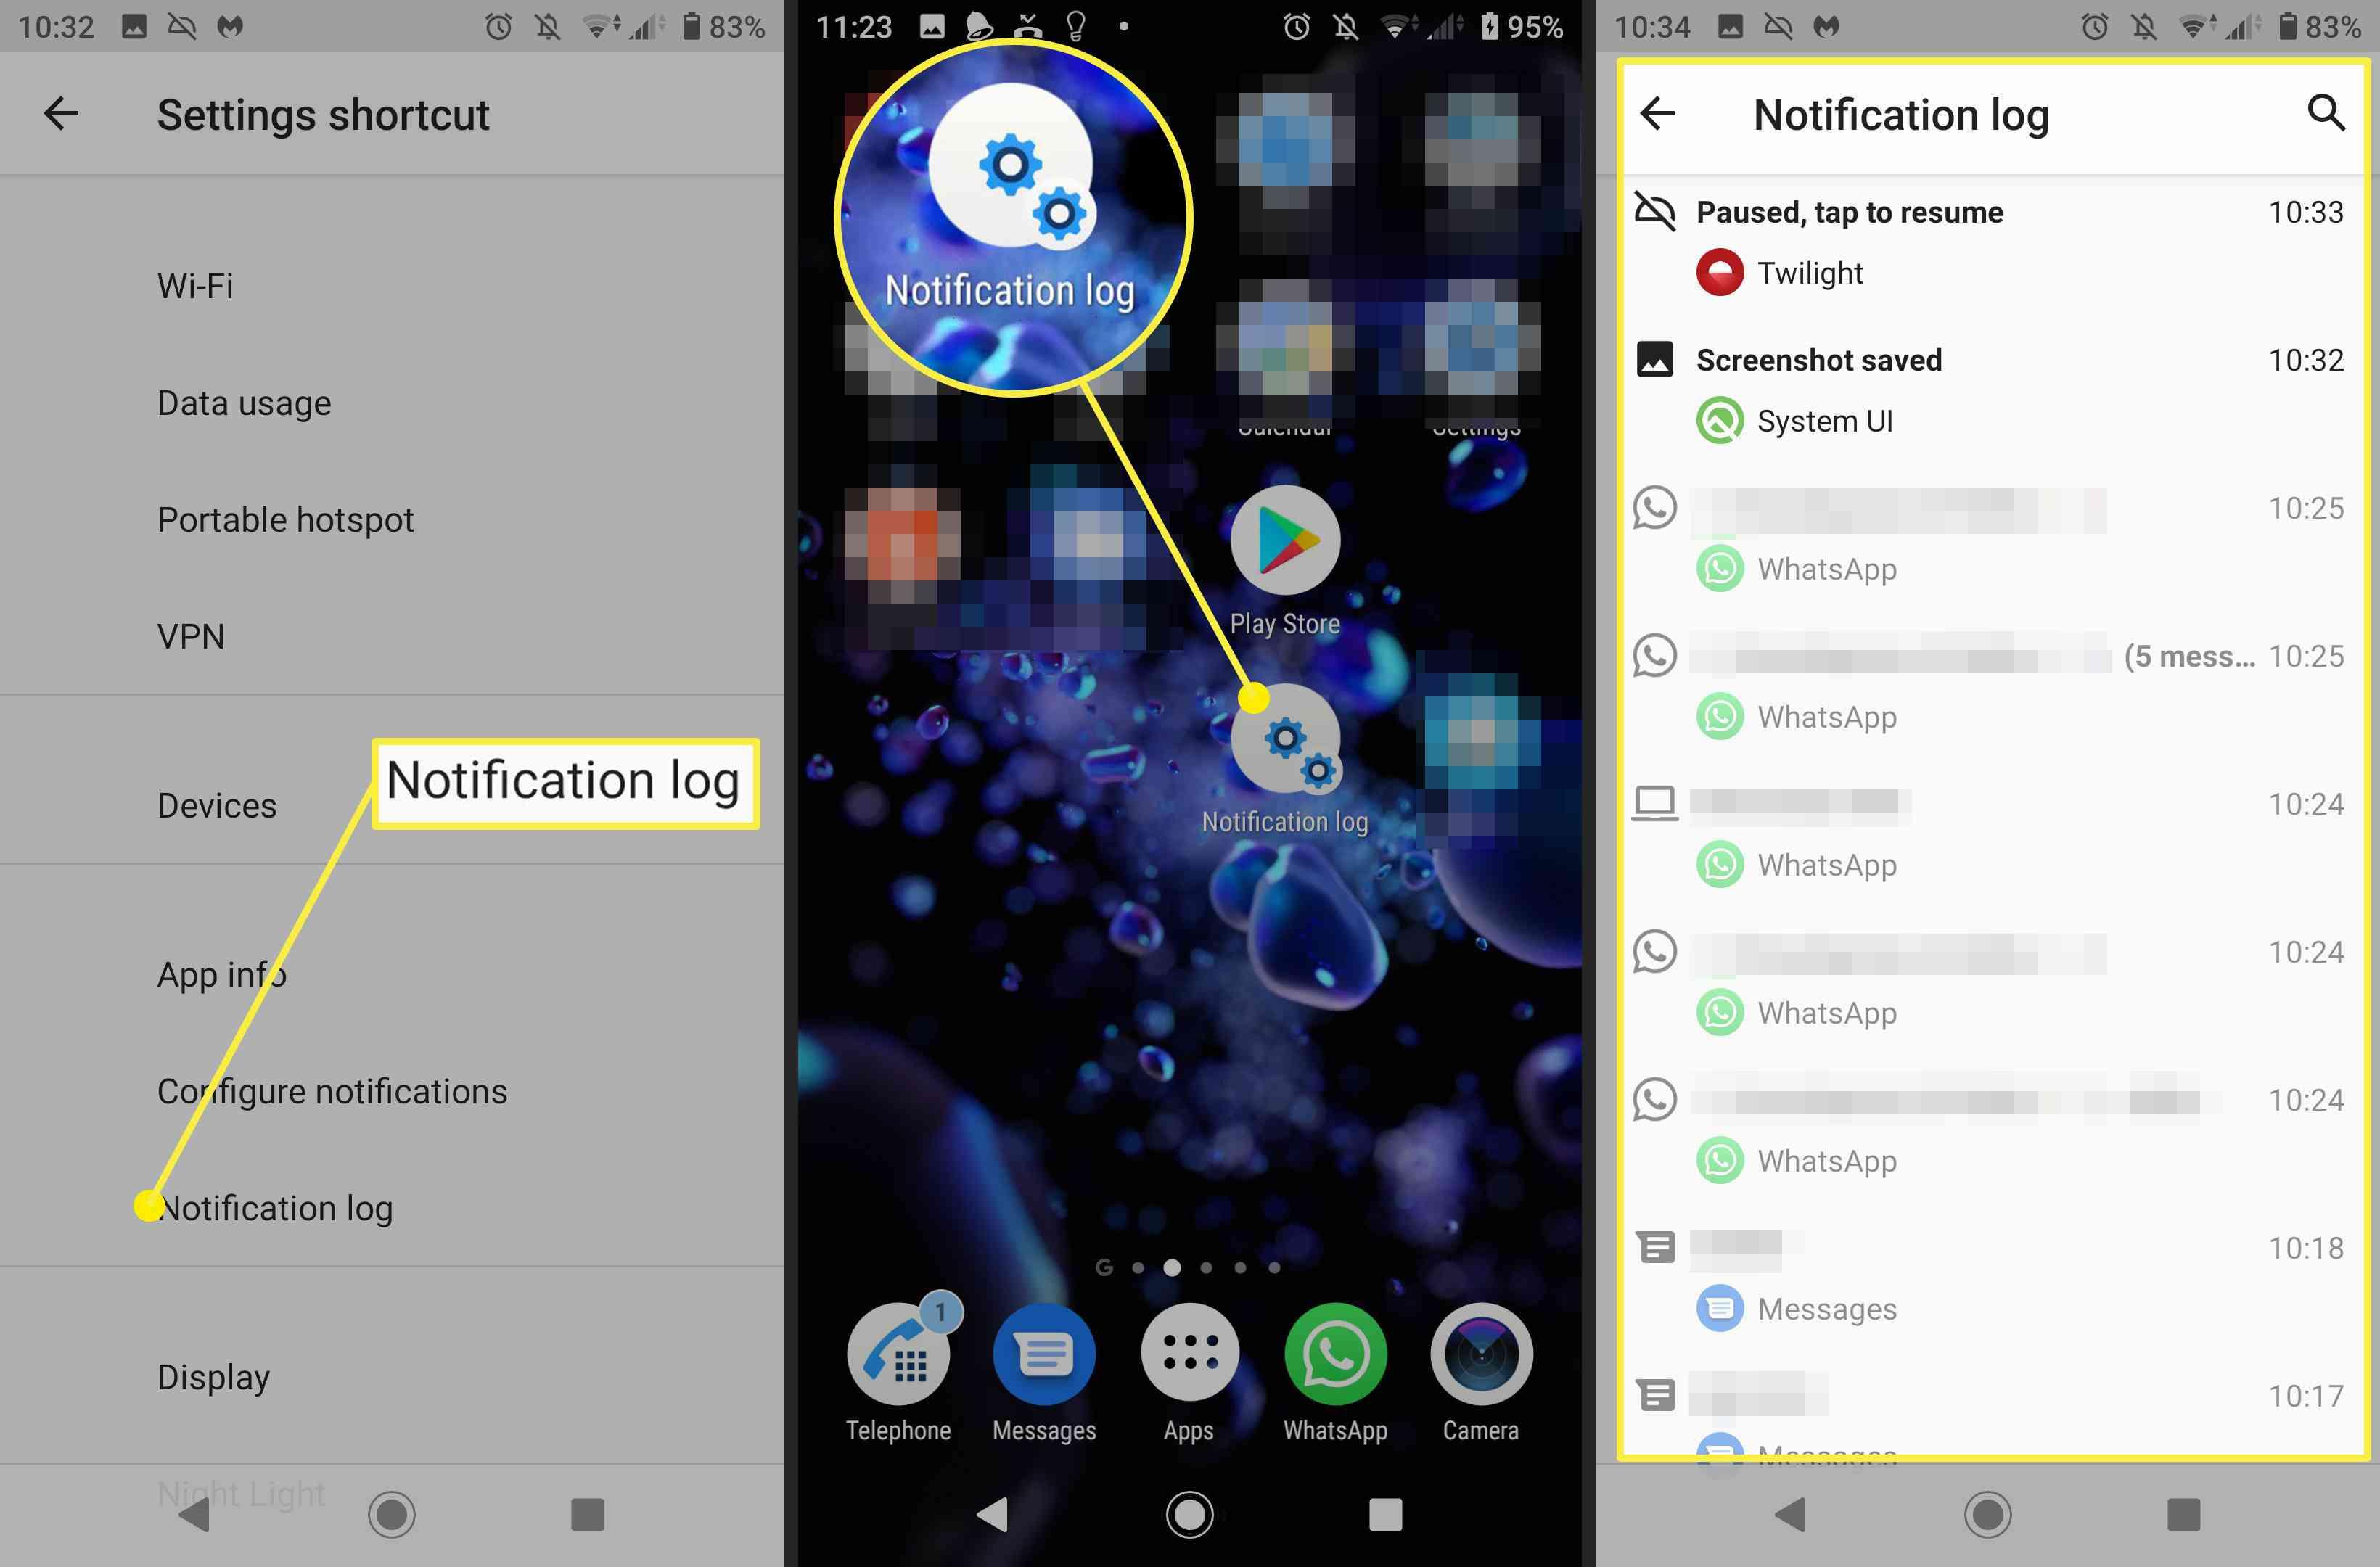 Screenshots of the Notification Log shortcut icon on Android and the Notification log.